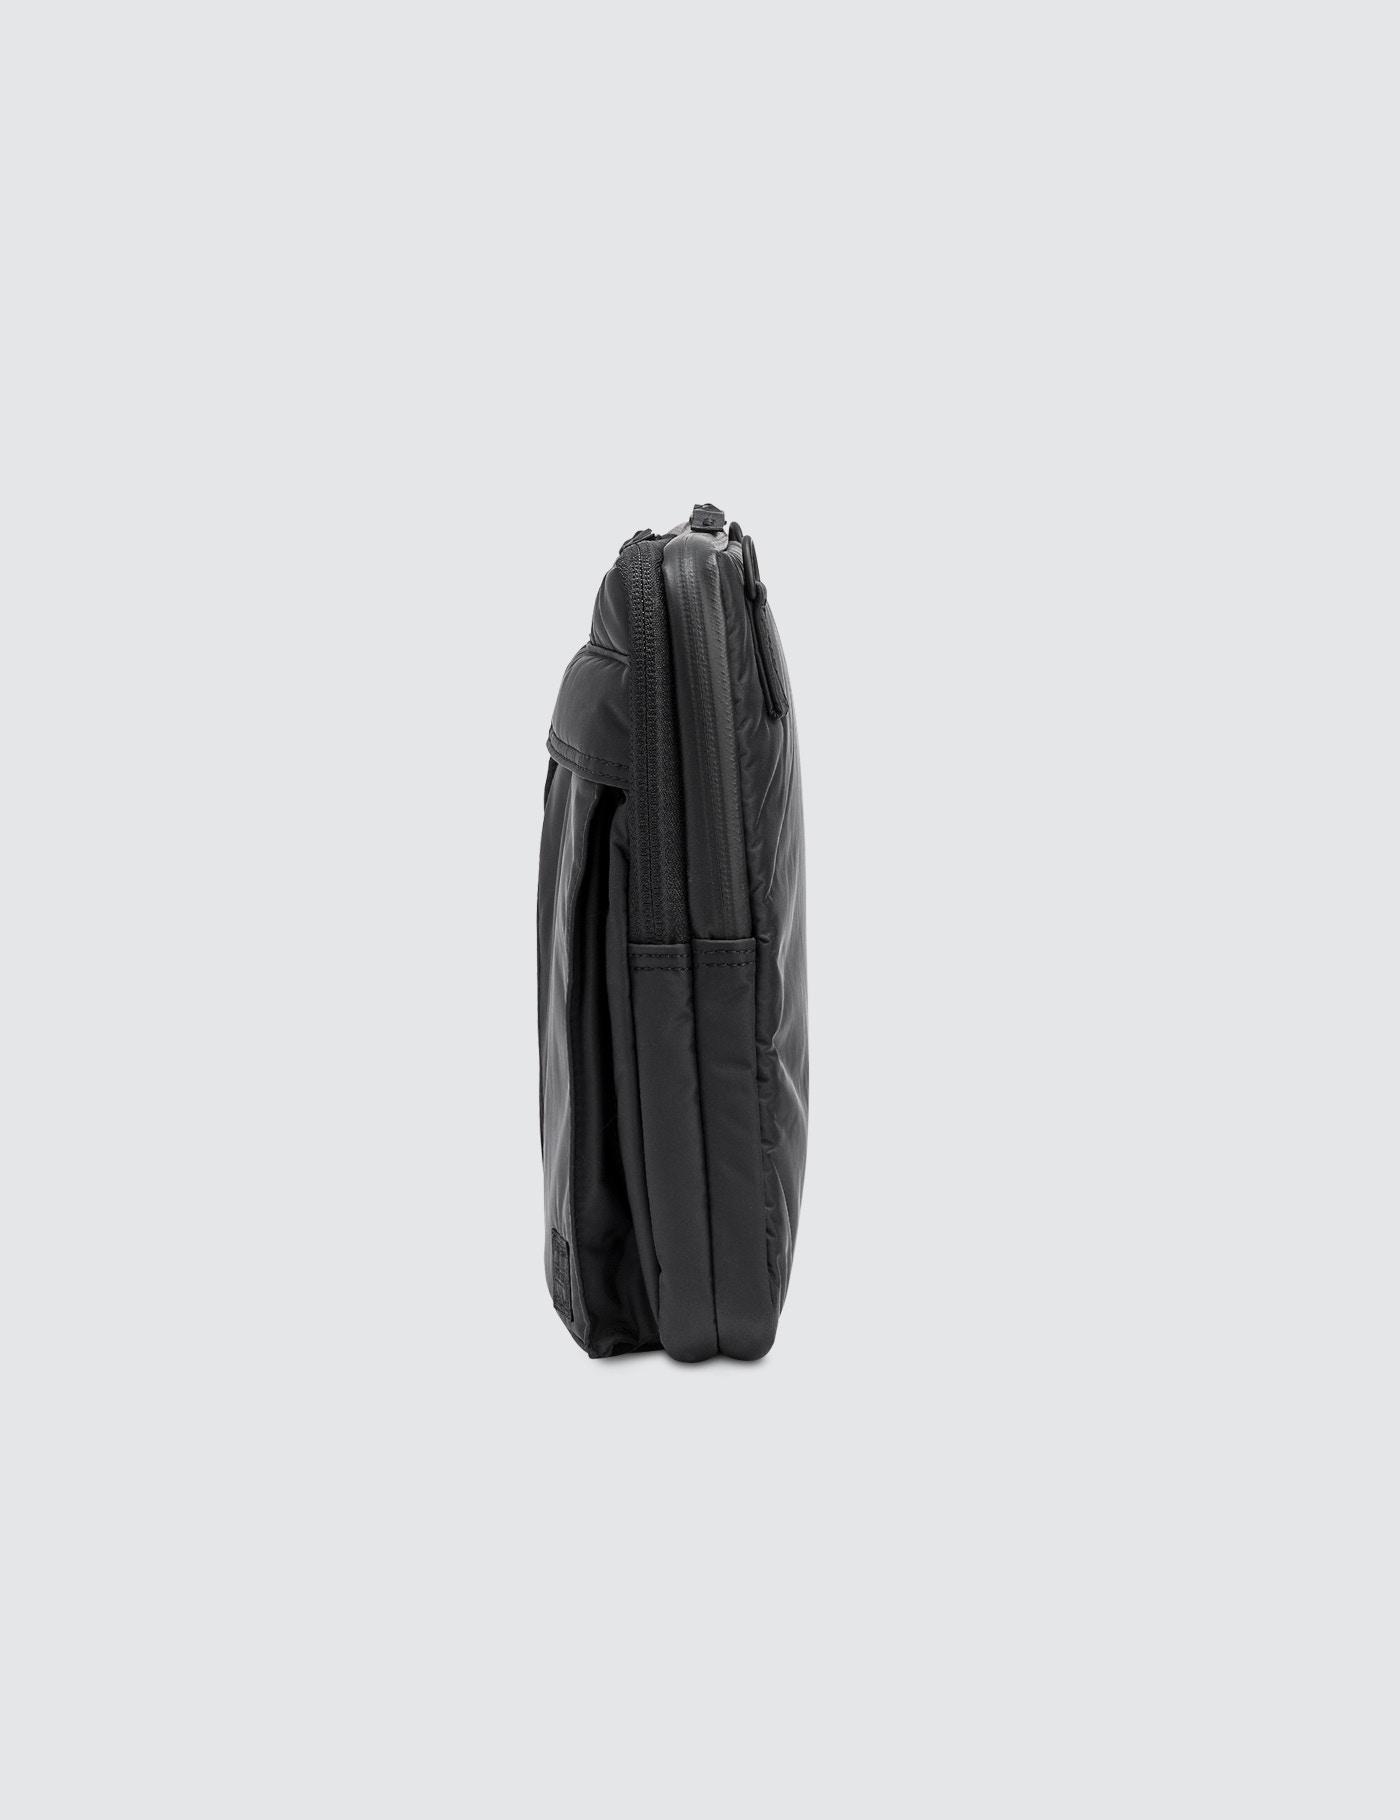 ... Head Porter Black Beauty Business Document Shoulder Bag 13 I los  angeles 00576 af228 ... 2546ec47ff818